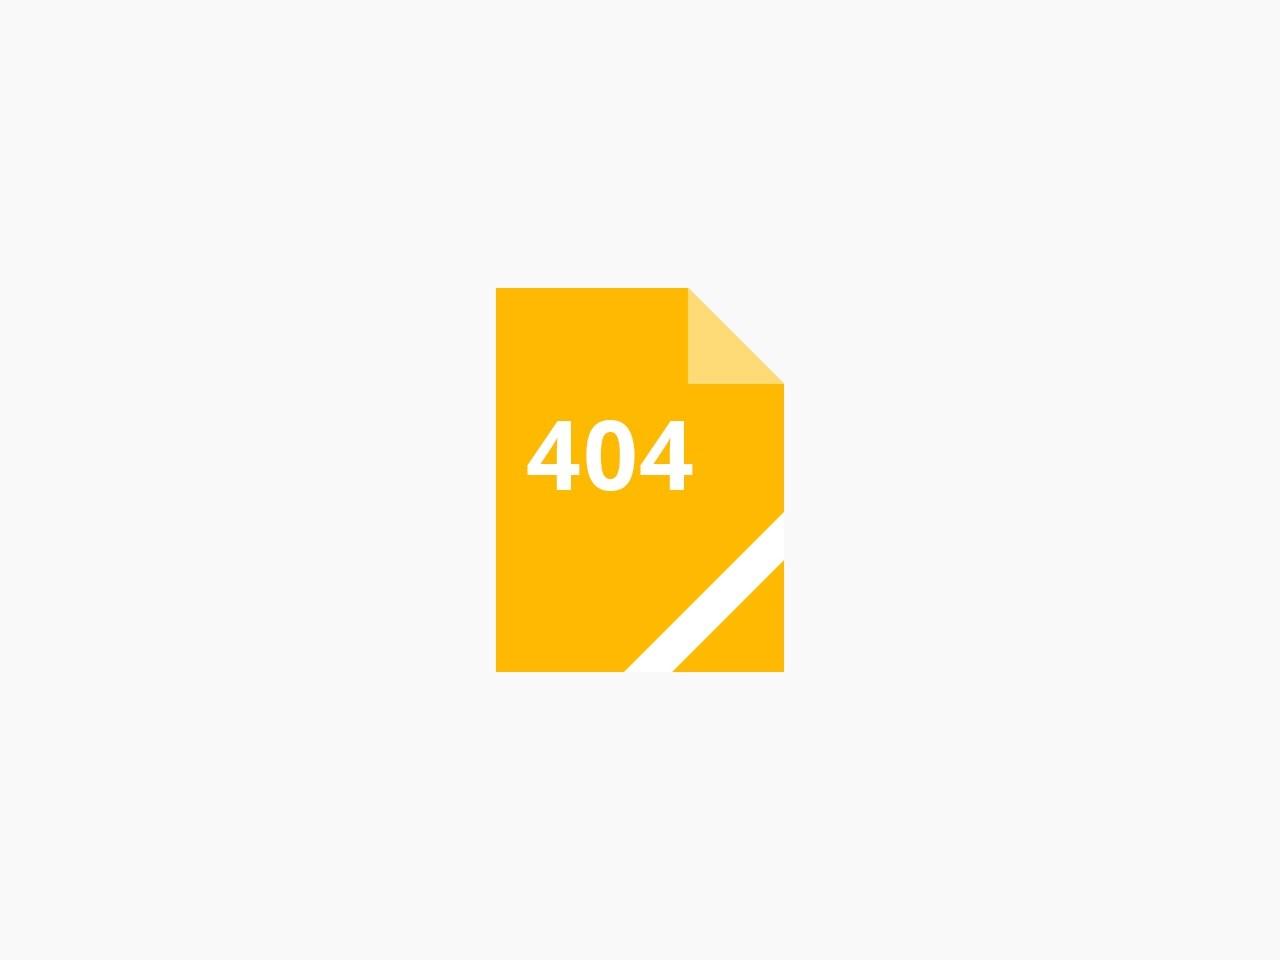 徐州市政府网